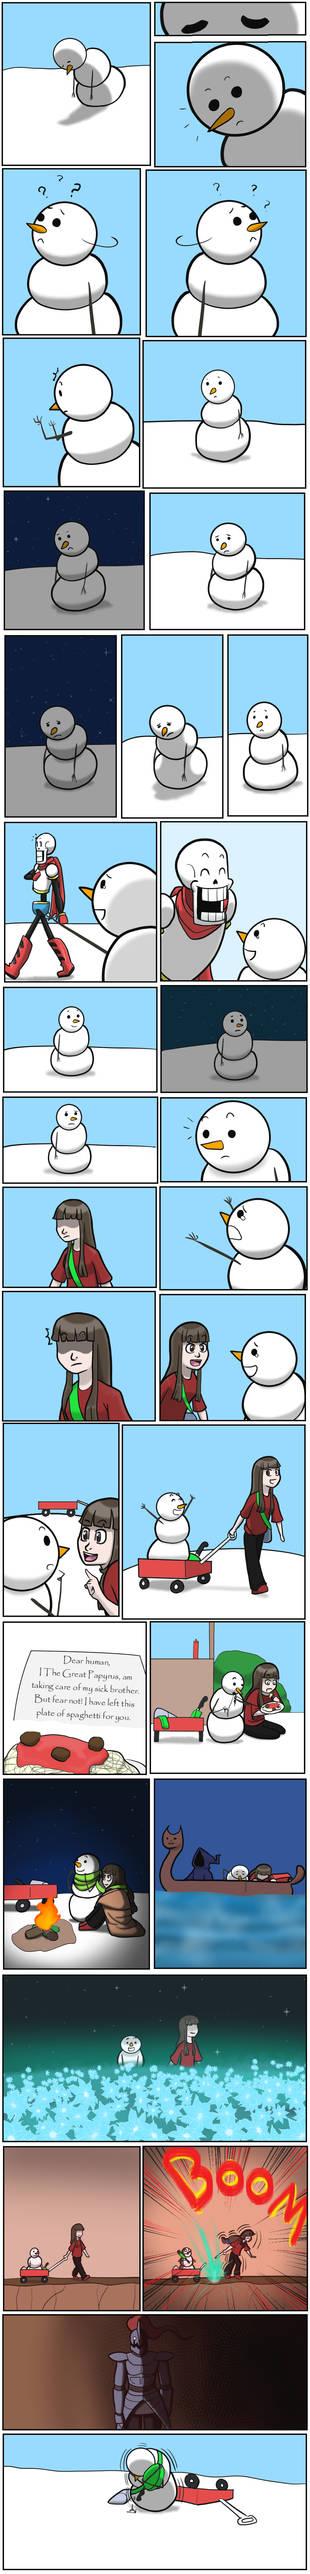 Undertale Green short story Snowman Part 1